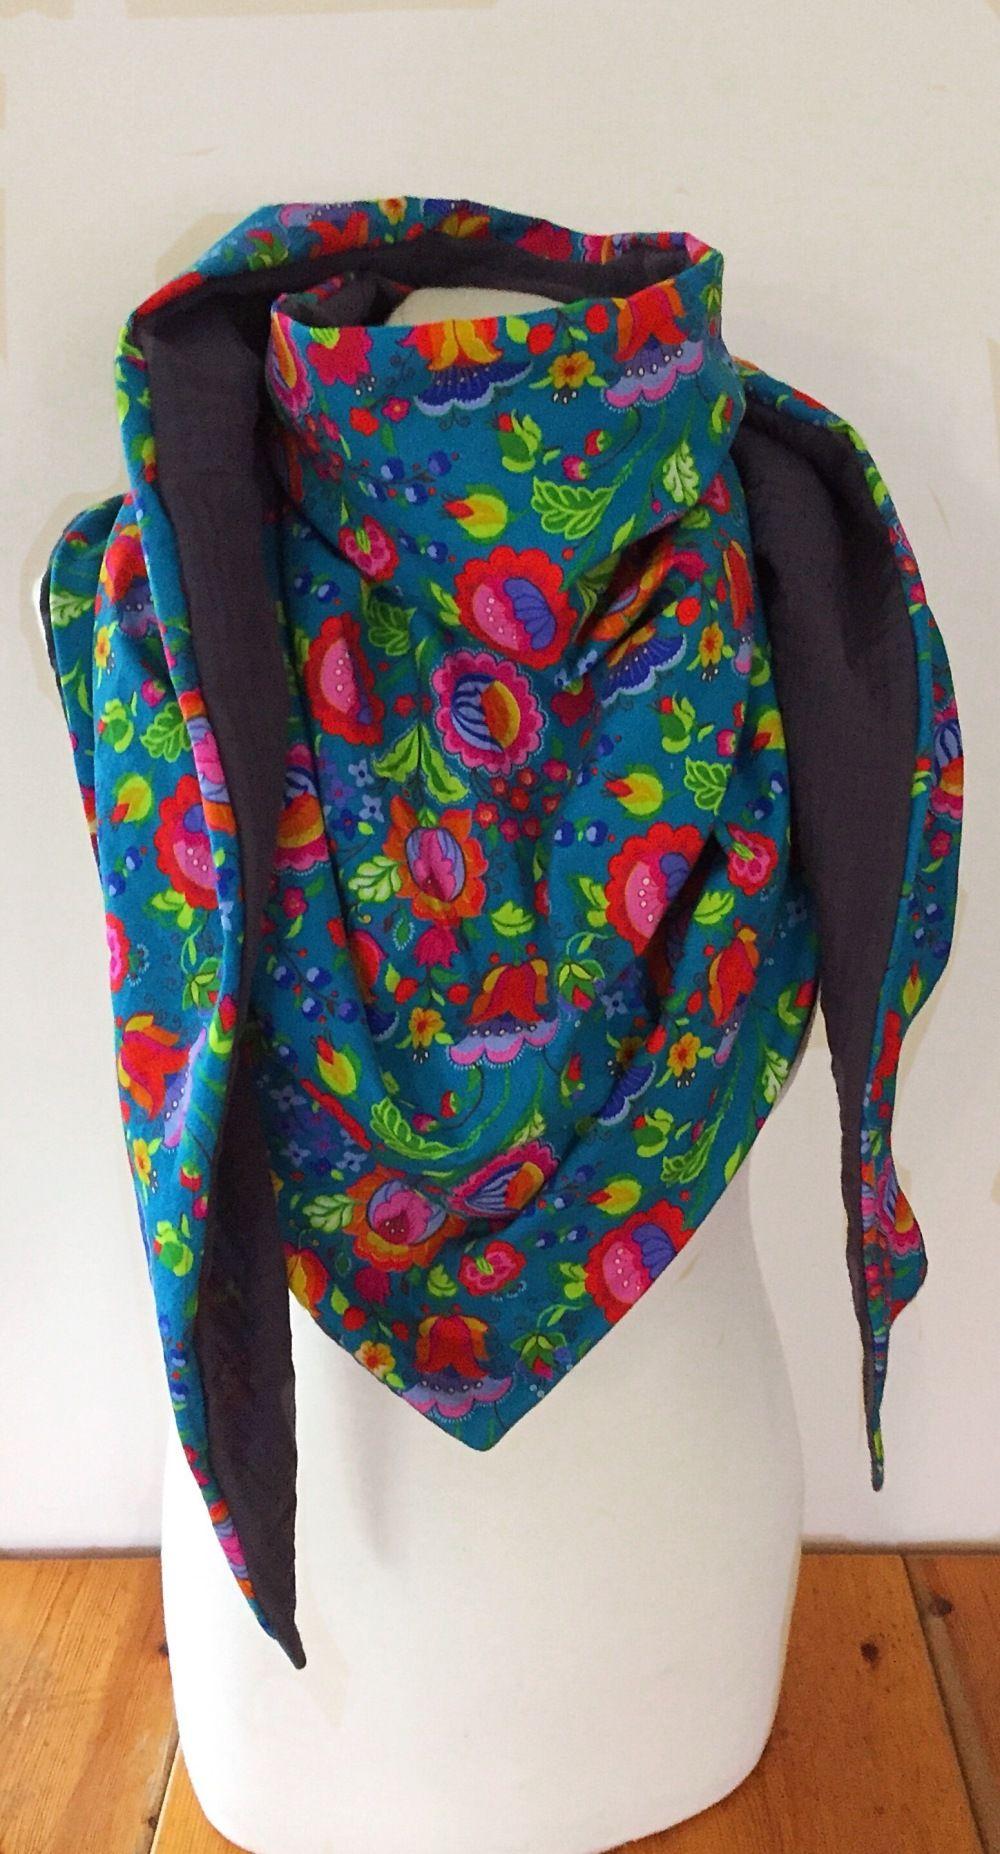 Maxi chèche multicolore à fleurs, grand foulard coloré femme ... 5c1d77dc65f